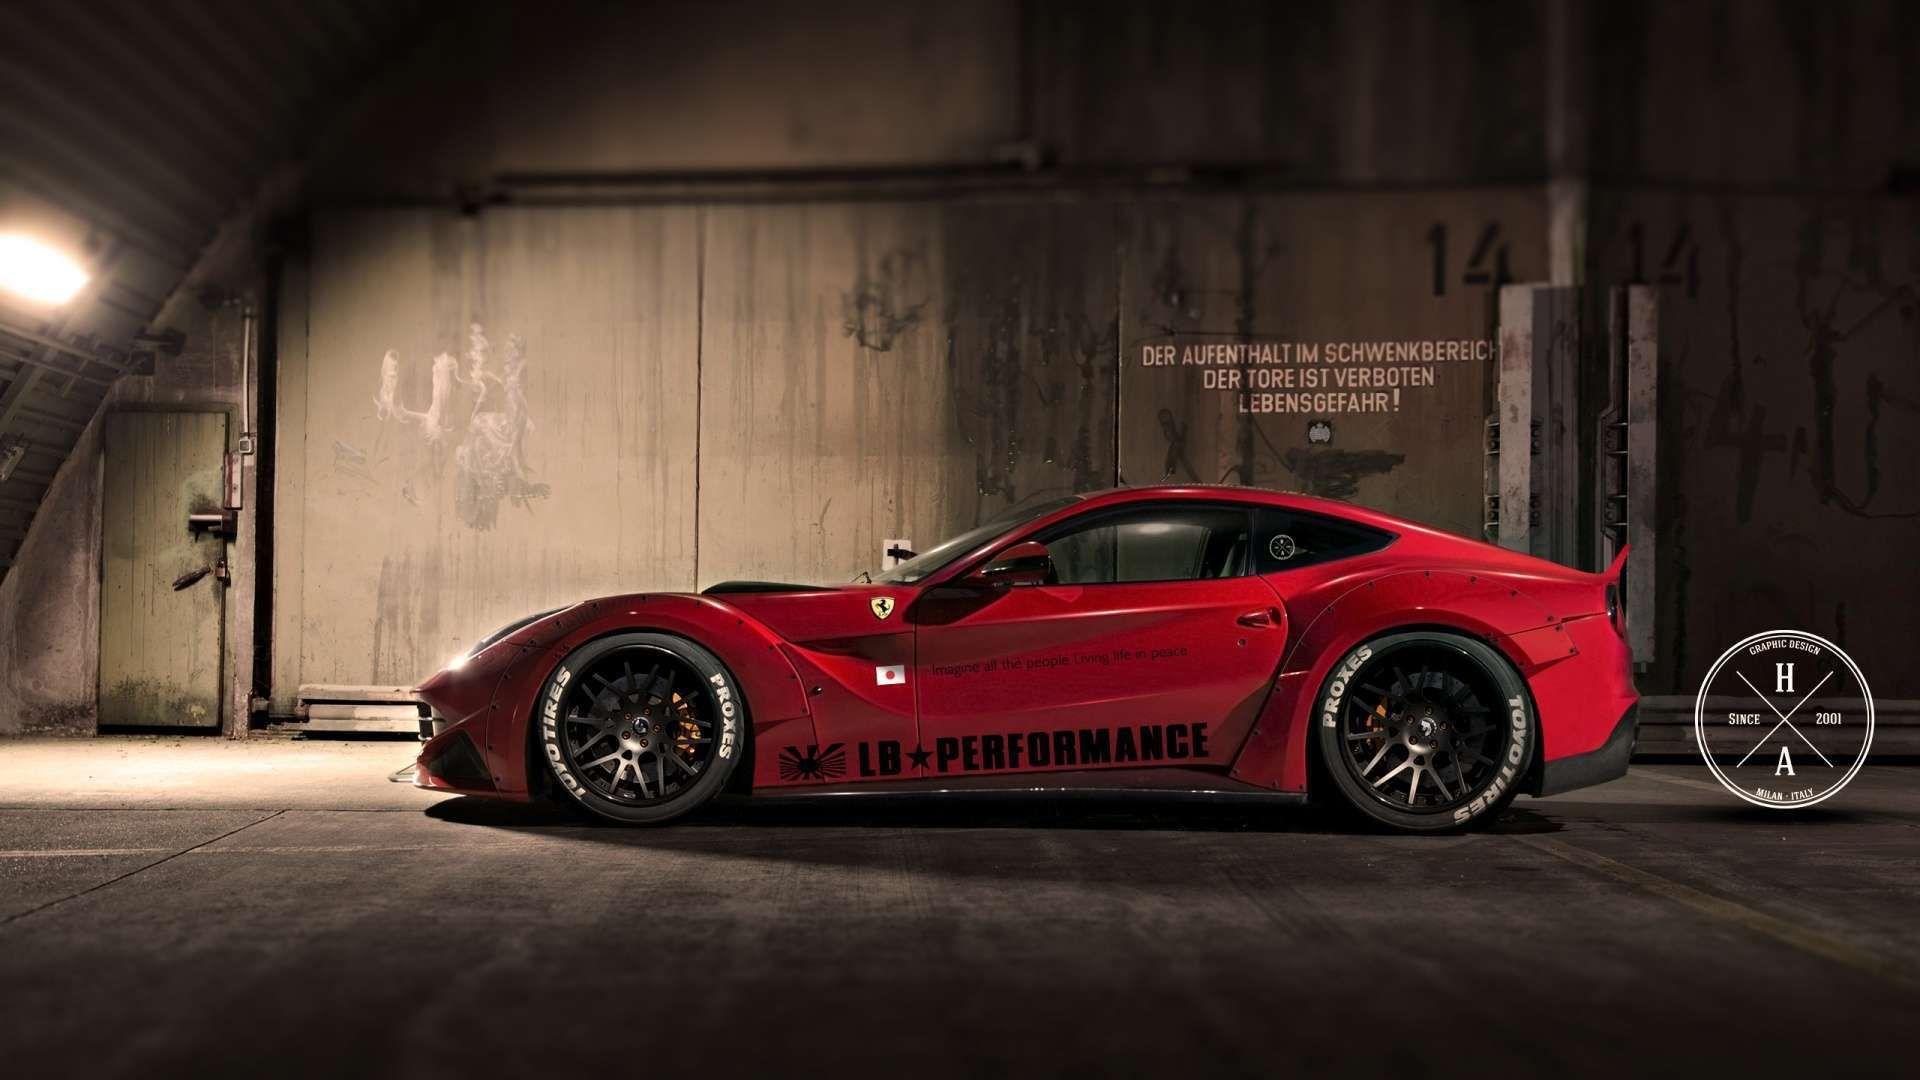 Wallpapers Hd 1080p Ferrari Dengan Gambar Mobil Impian Mobil